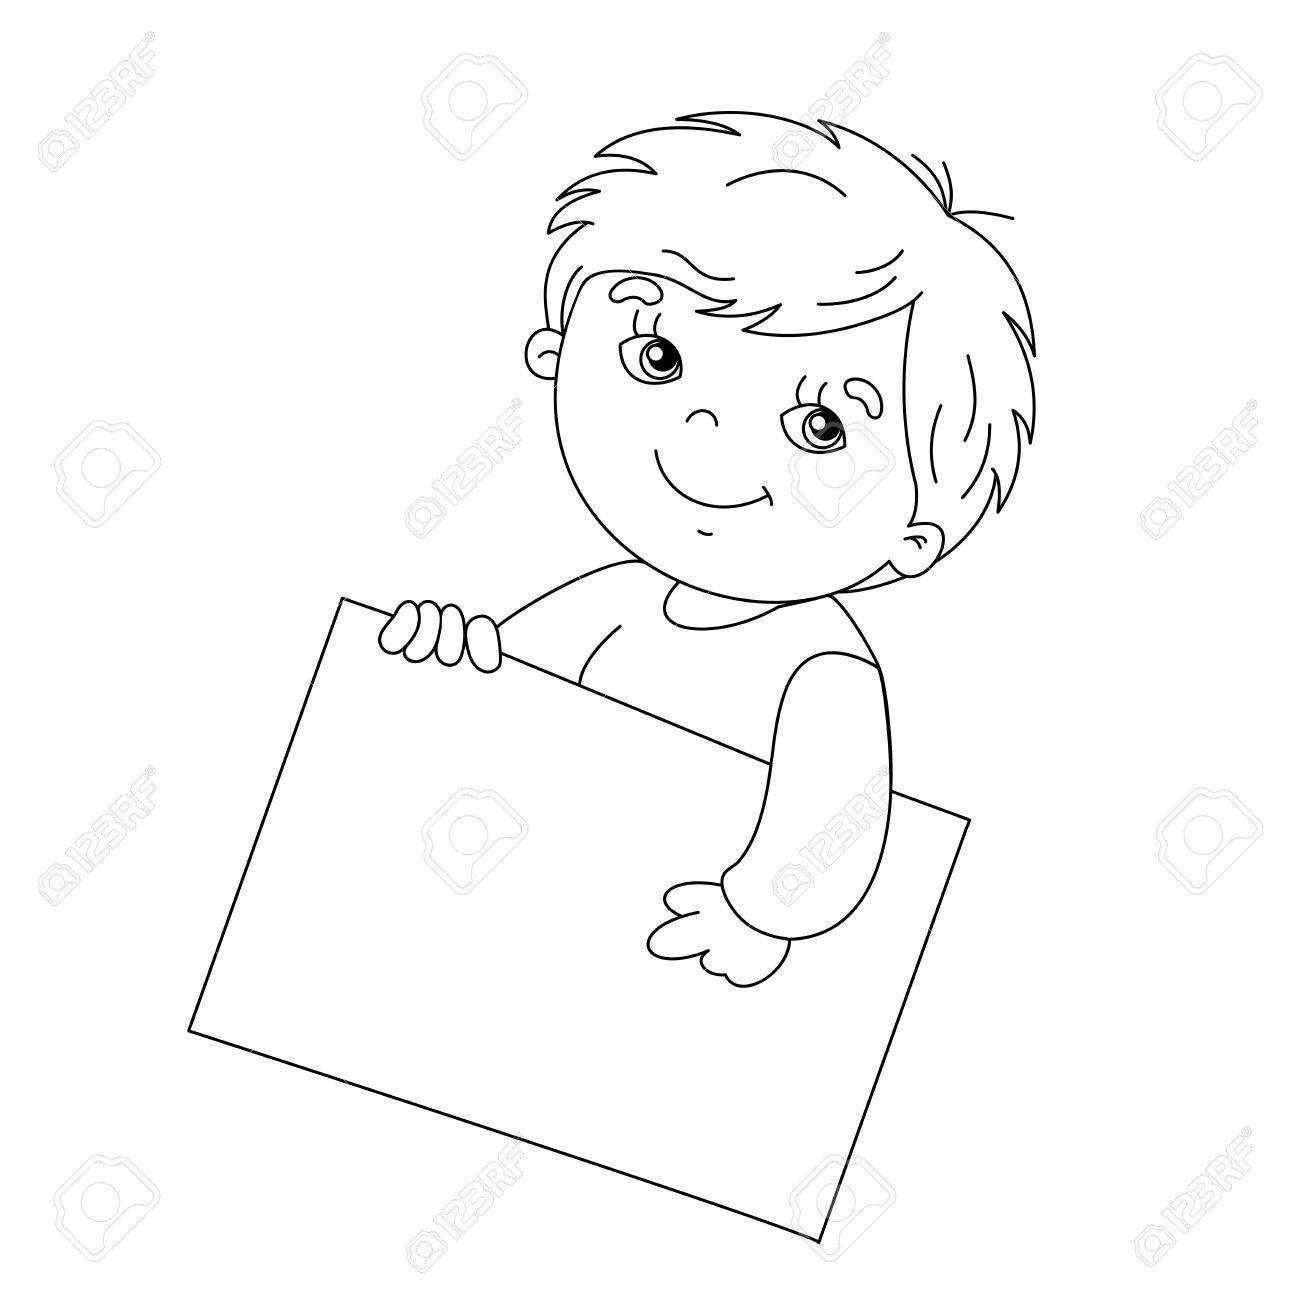 Lujo Lindo Niño Para Colorear Imágenes - Dibujos Para Colorear En ...